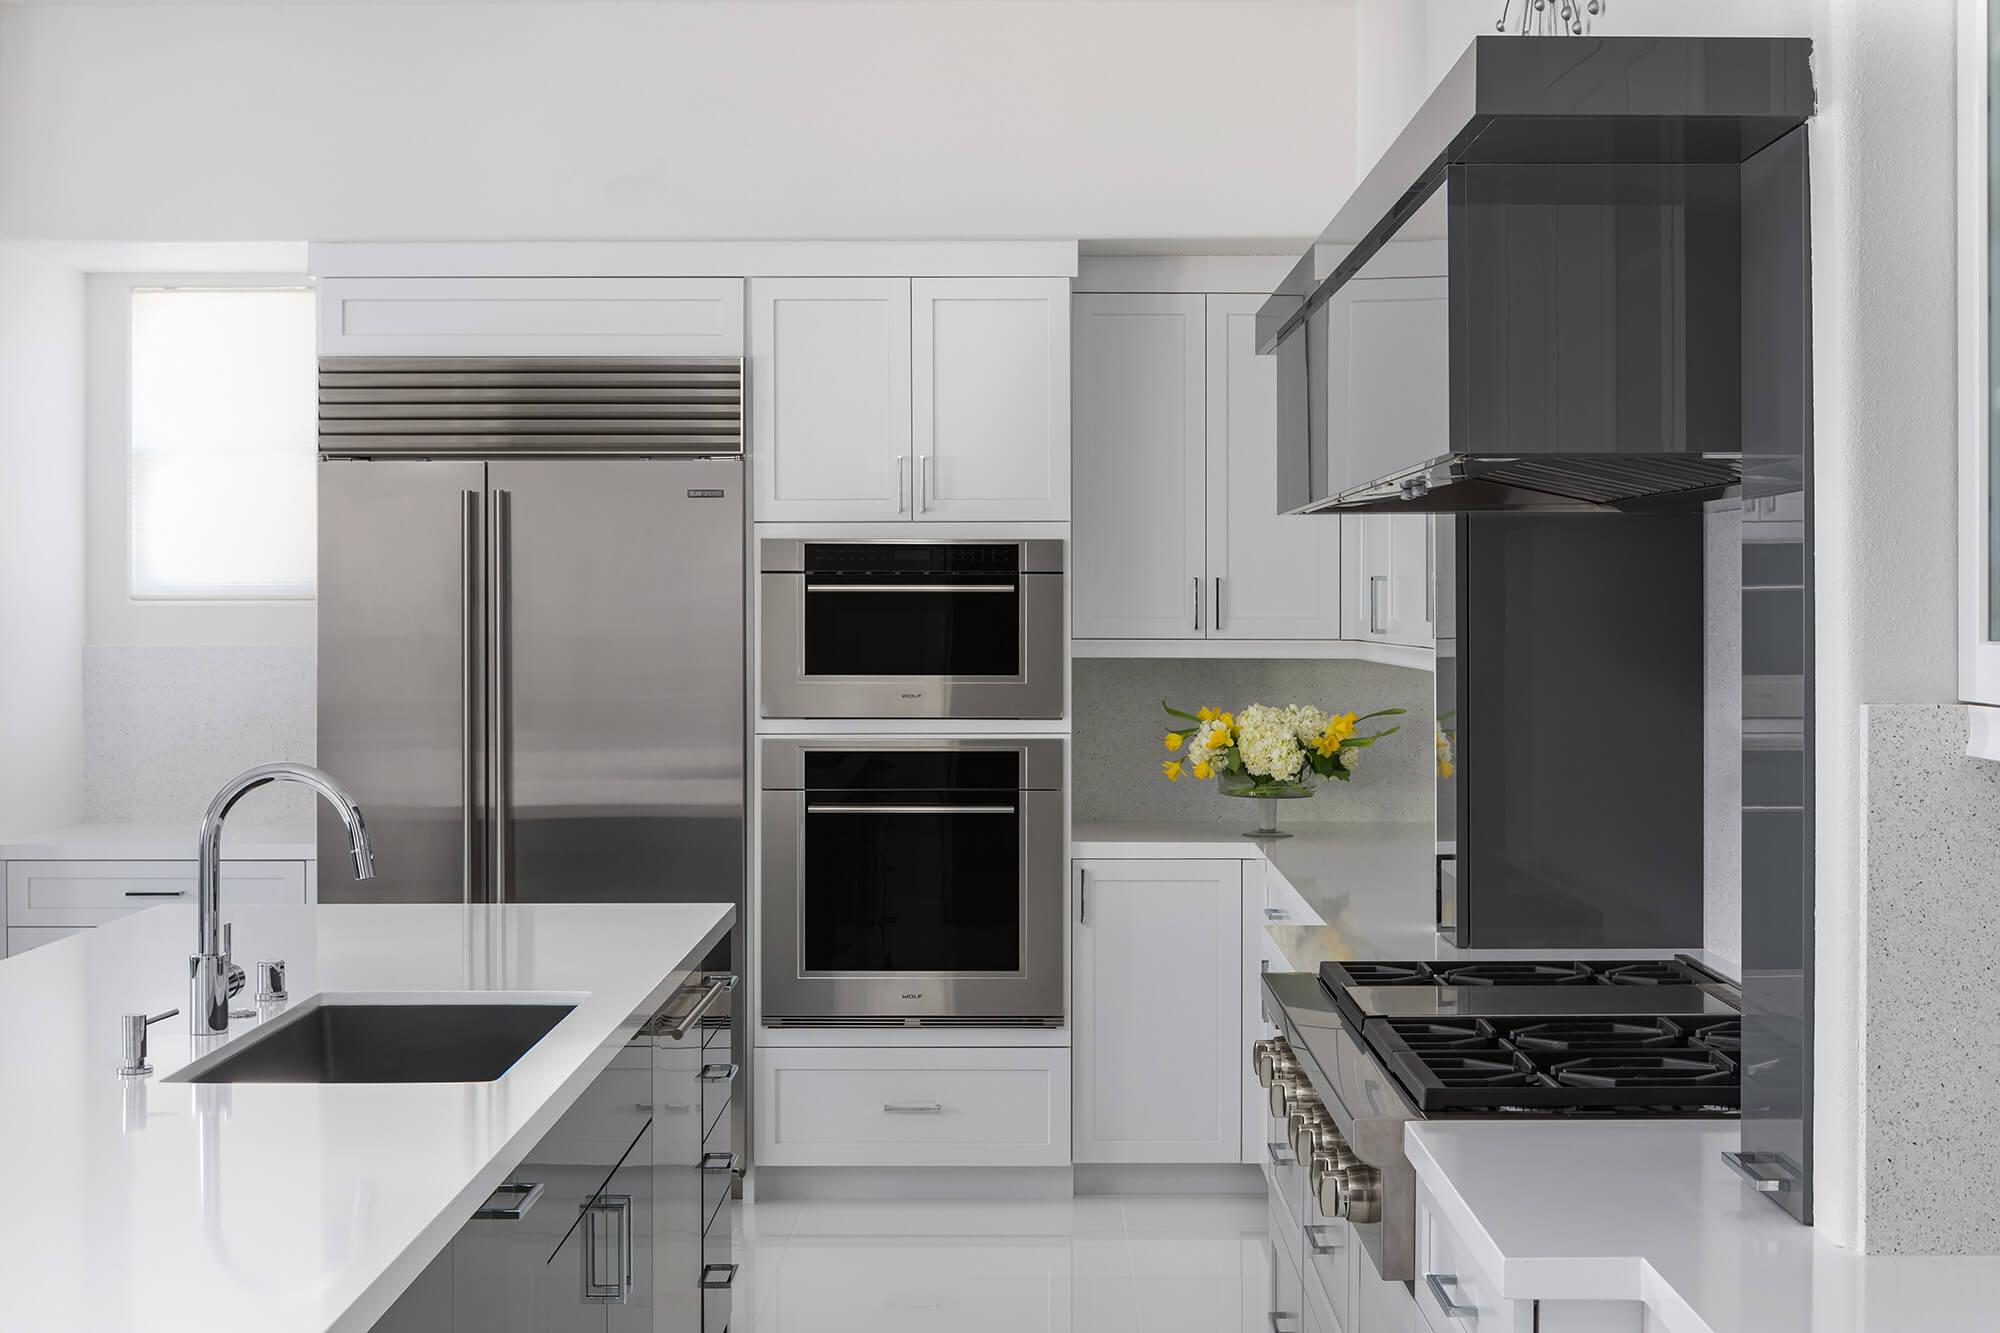 sink-in-island-kitchen